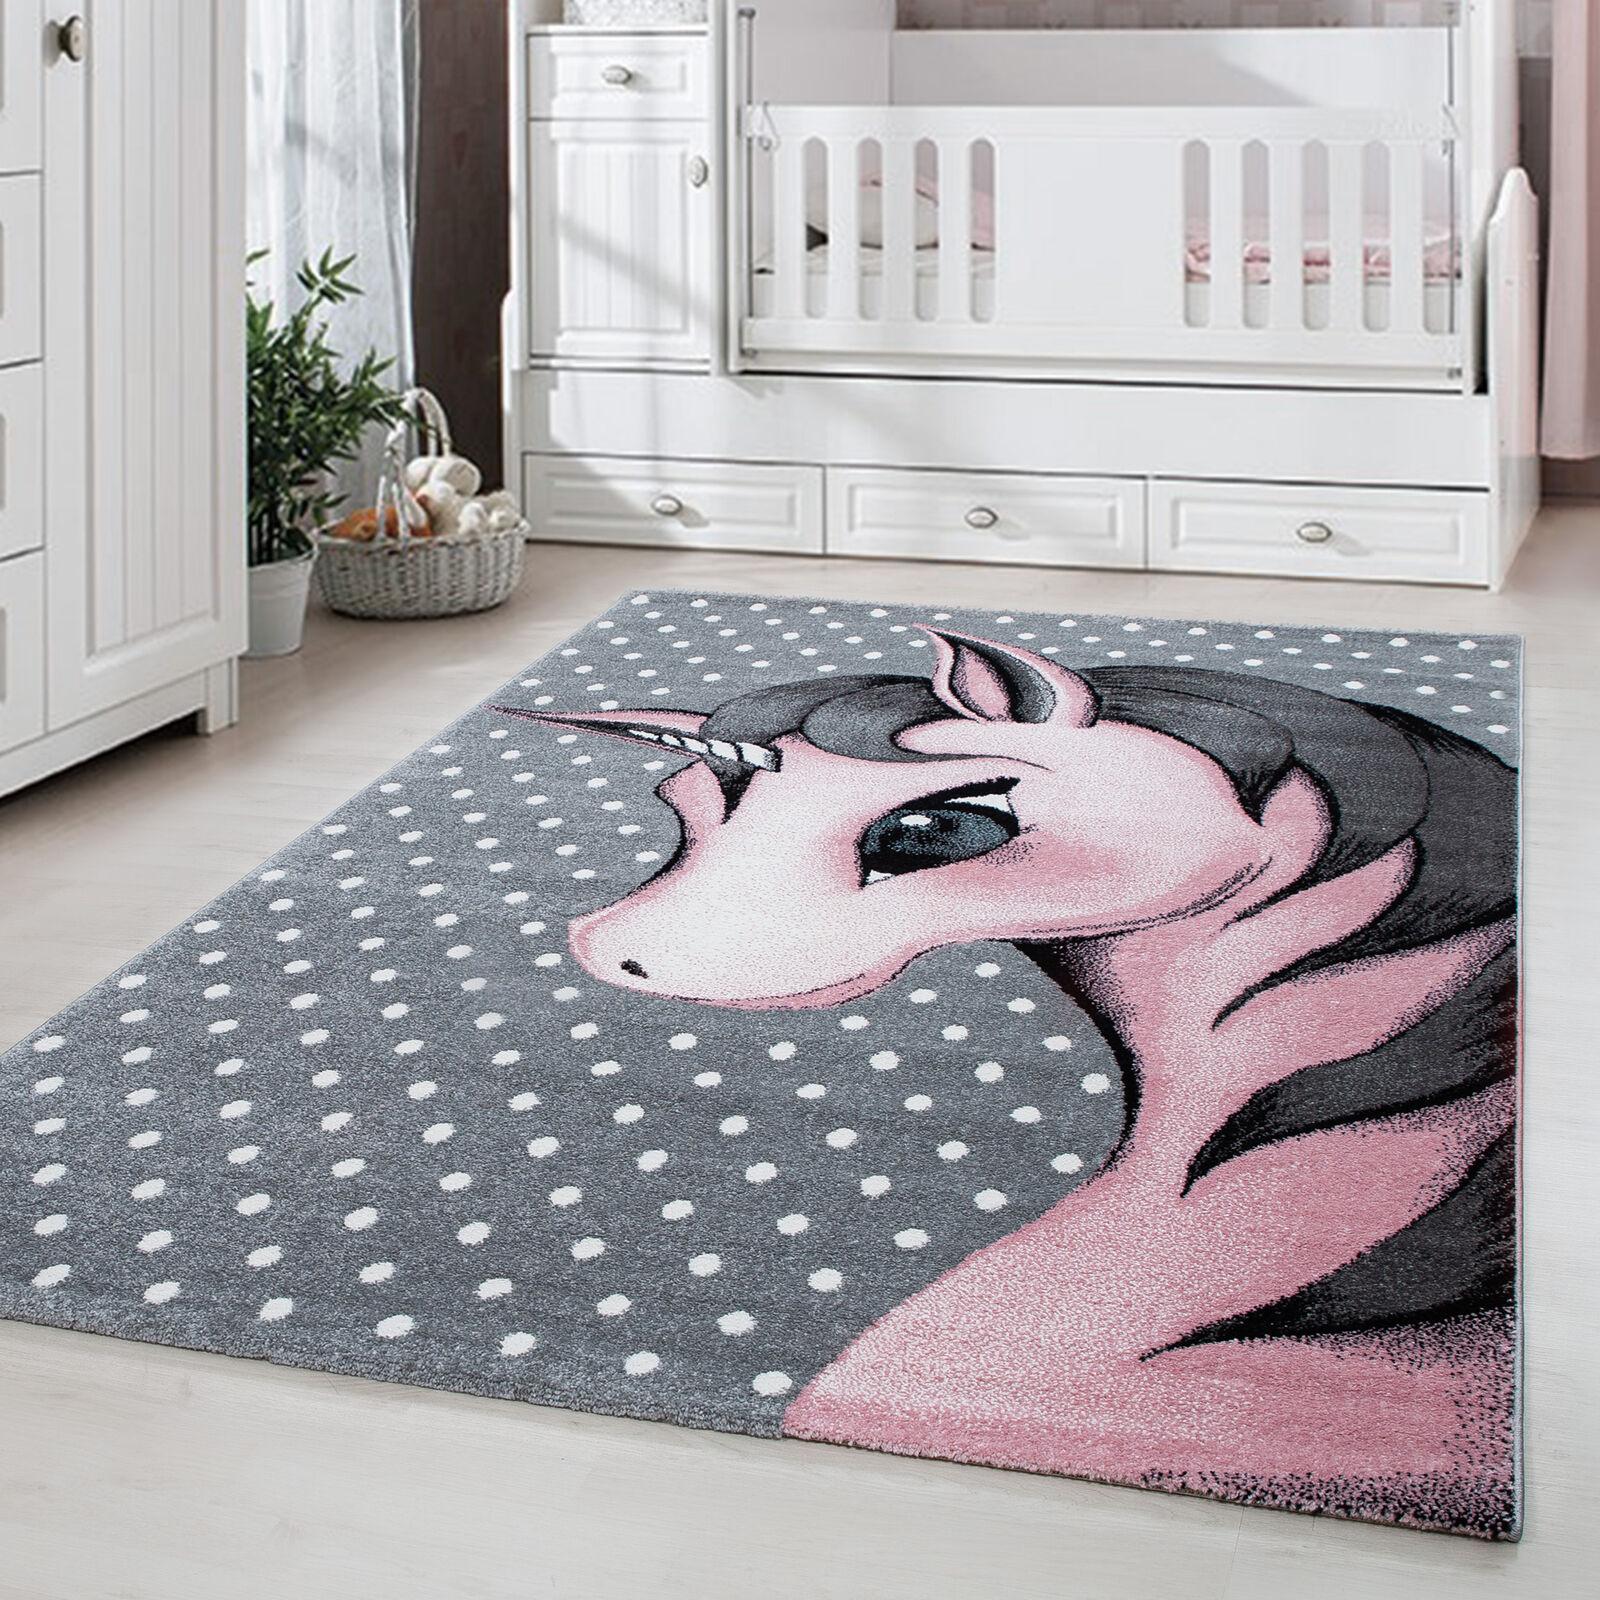 Kinderteppich Kinderzimmer Babyzimmer Einhorn Design Grau Pink Weiß Oeko Tex